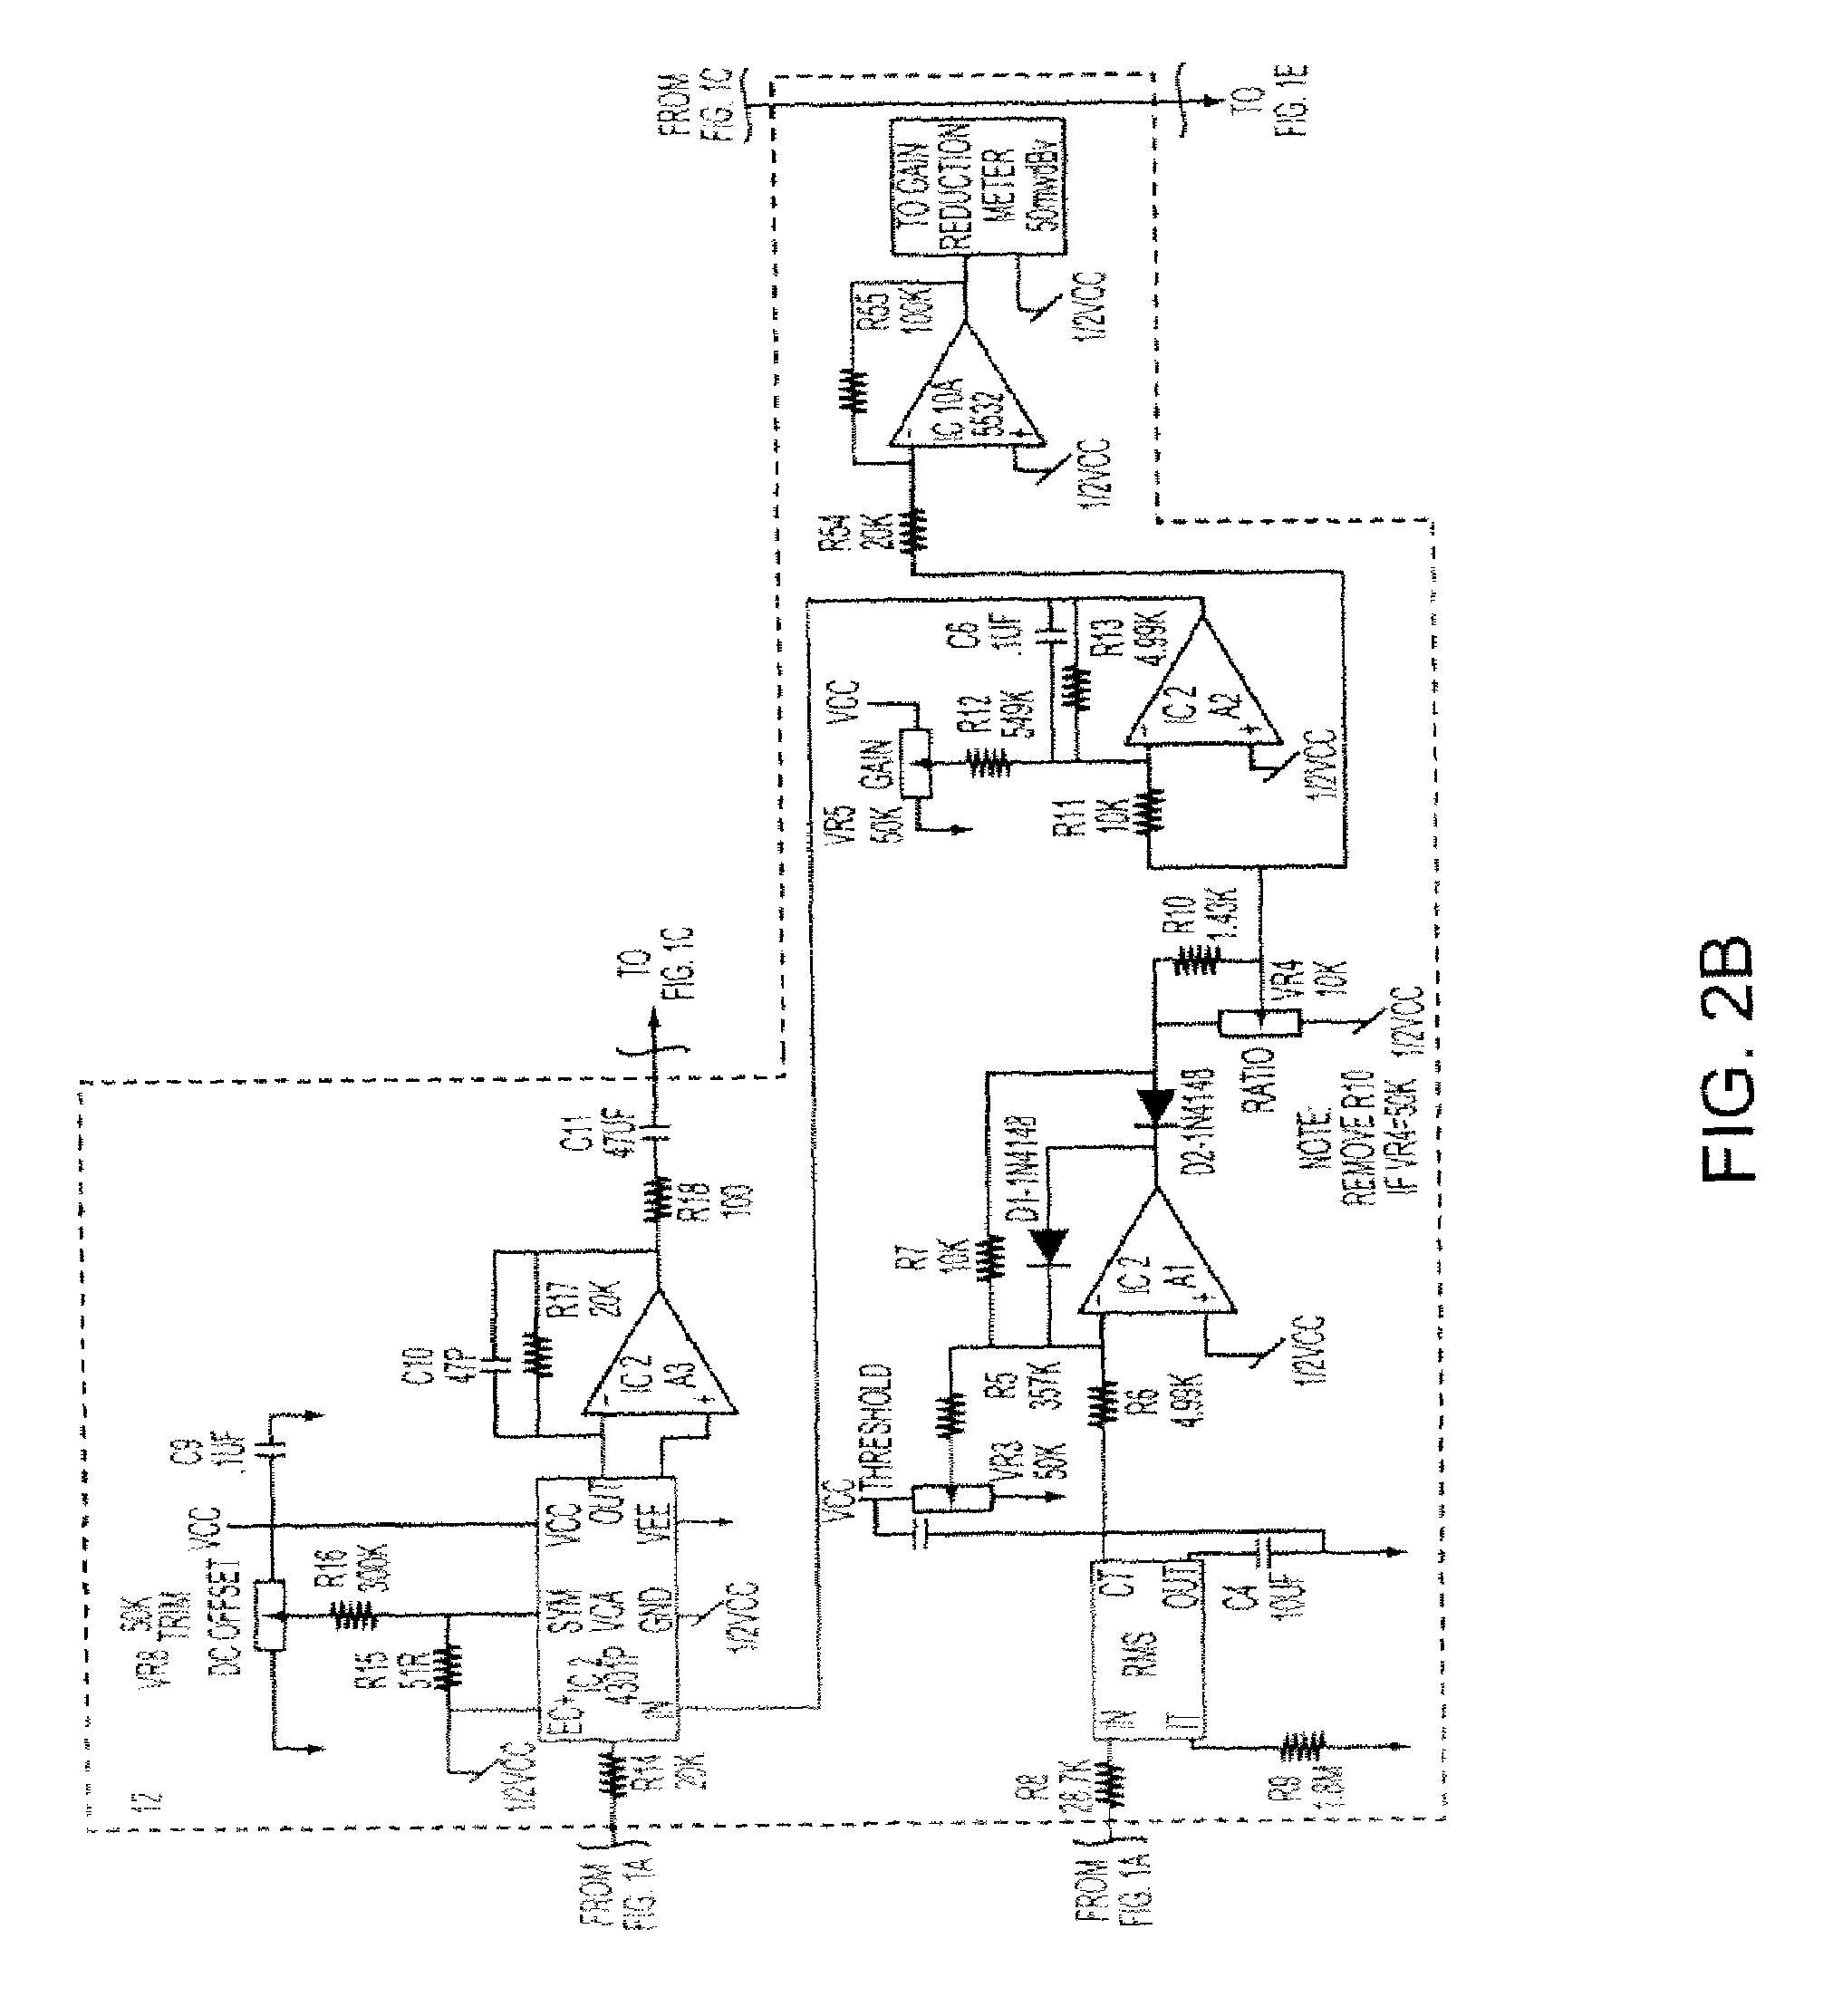 patent us7519189